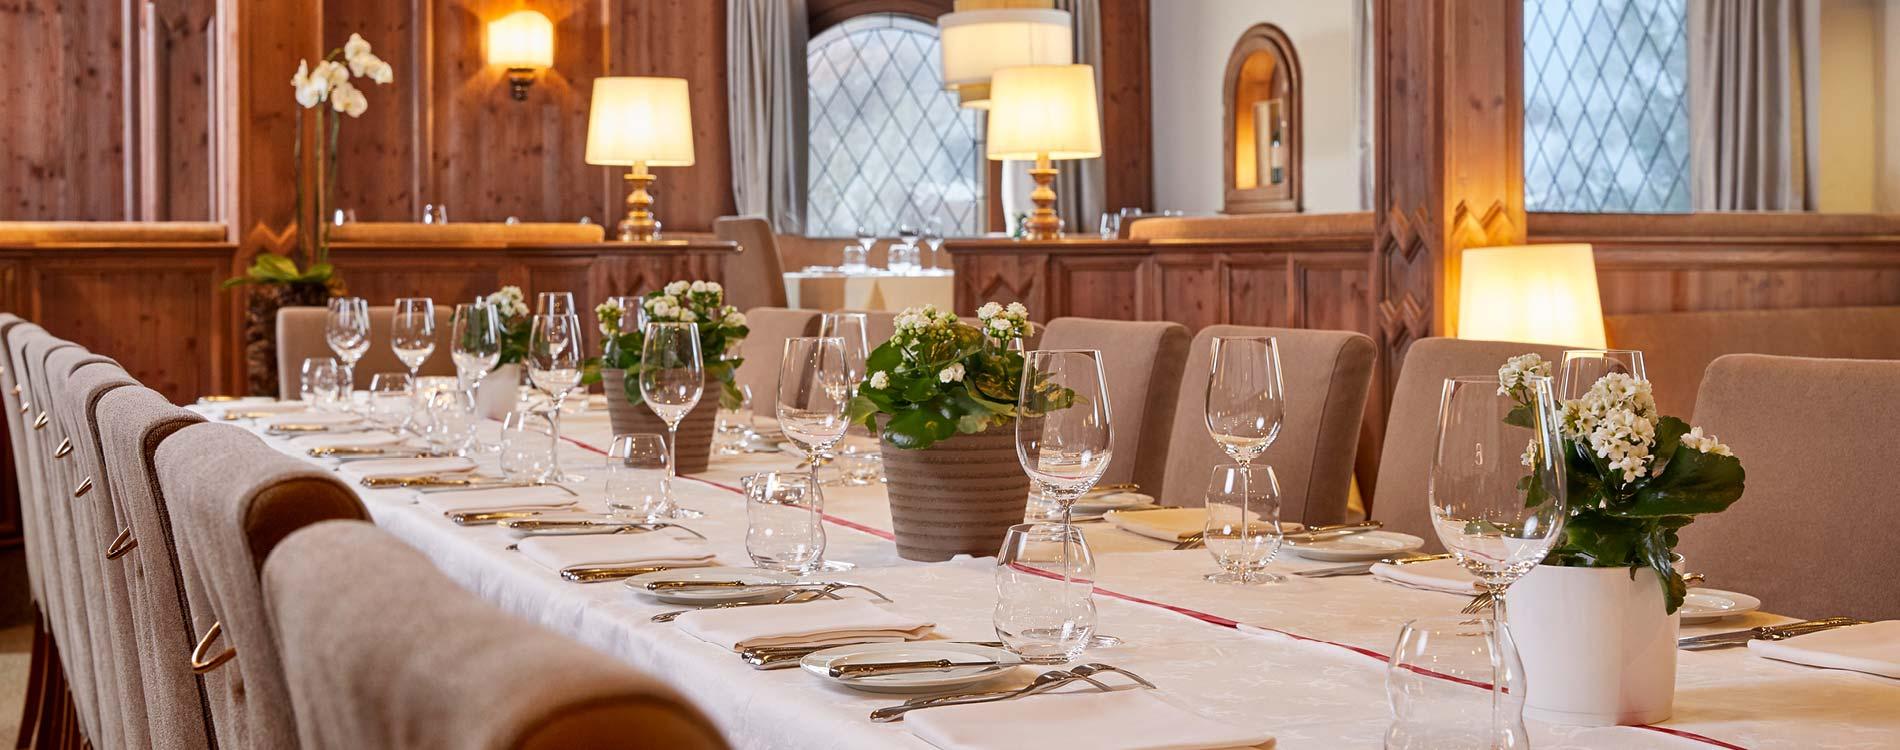 4 Sterne Hotel ALPENrose Kufstein Tirol Austria